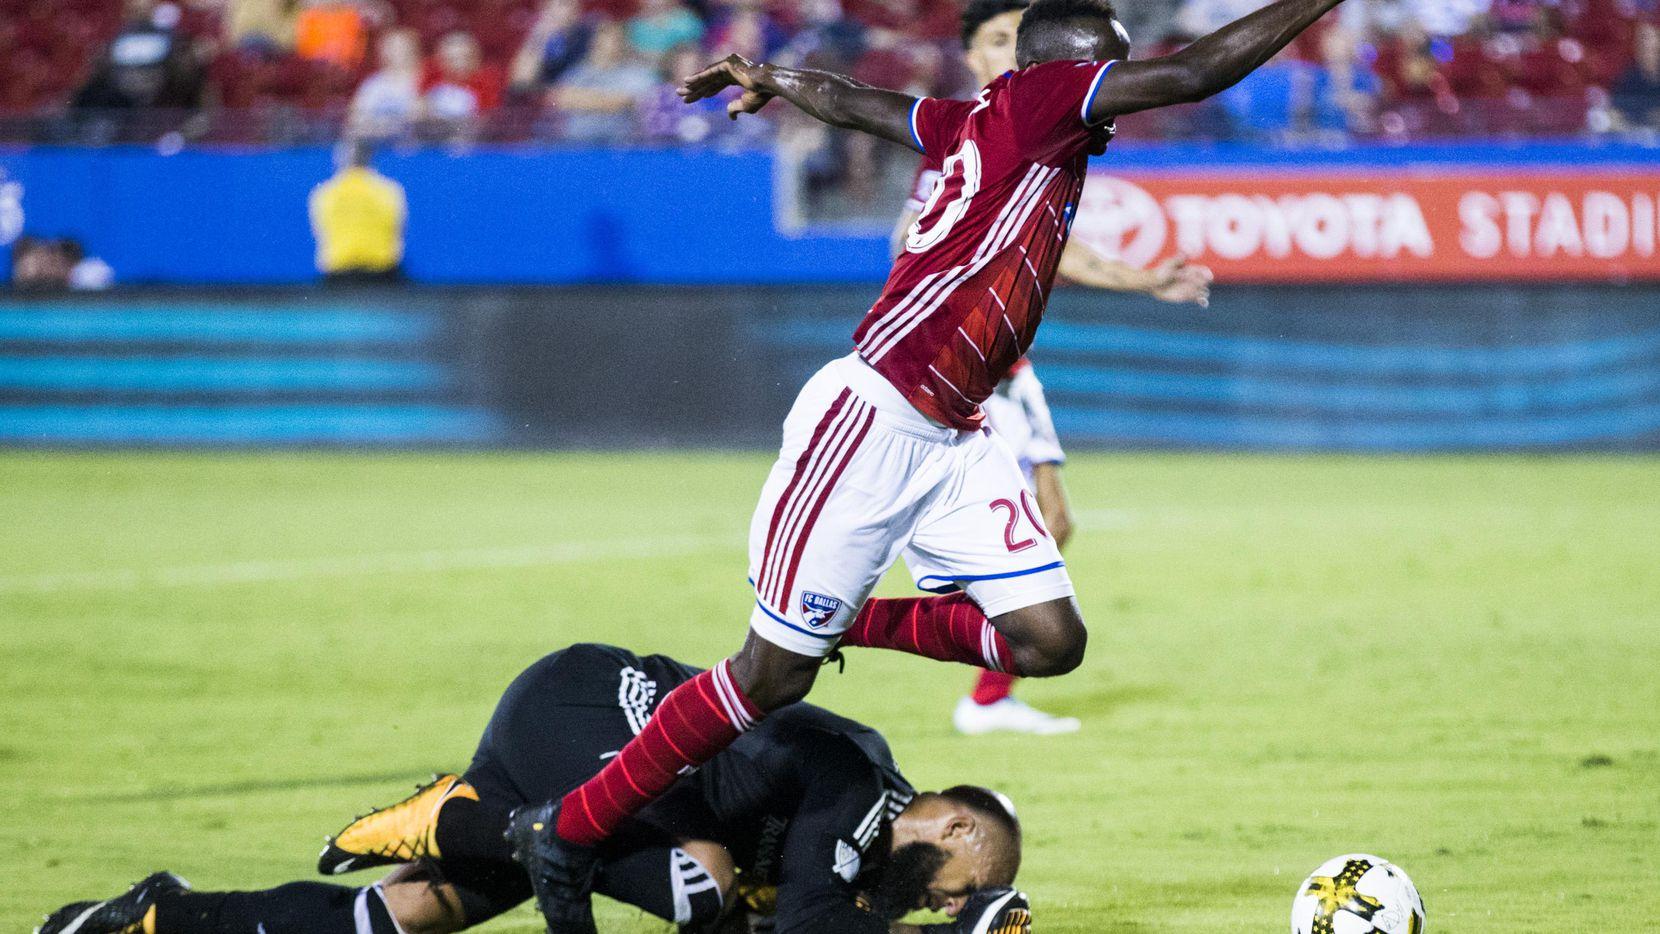 Ronald Lamah, delantero del FC Dallas es derribado por el portero Tim Howard del Colorado Rapids, en su partido de la MLS el miércoles por la noche. (DMN/ASHLEY LANDIS)